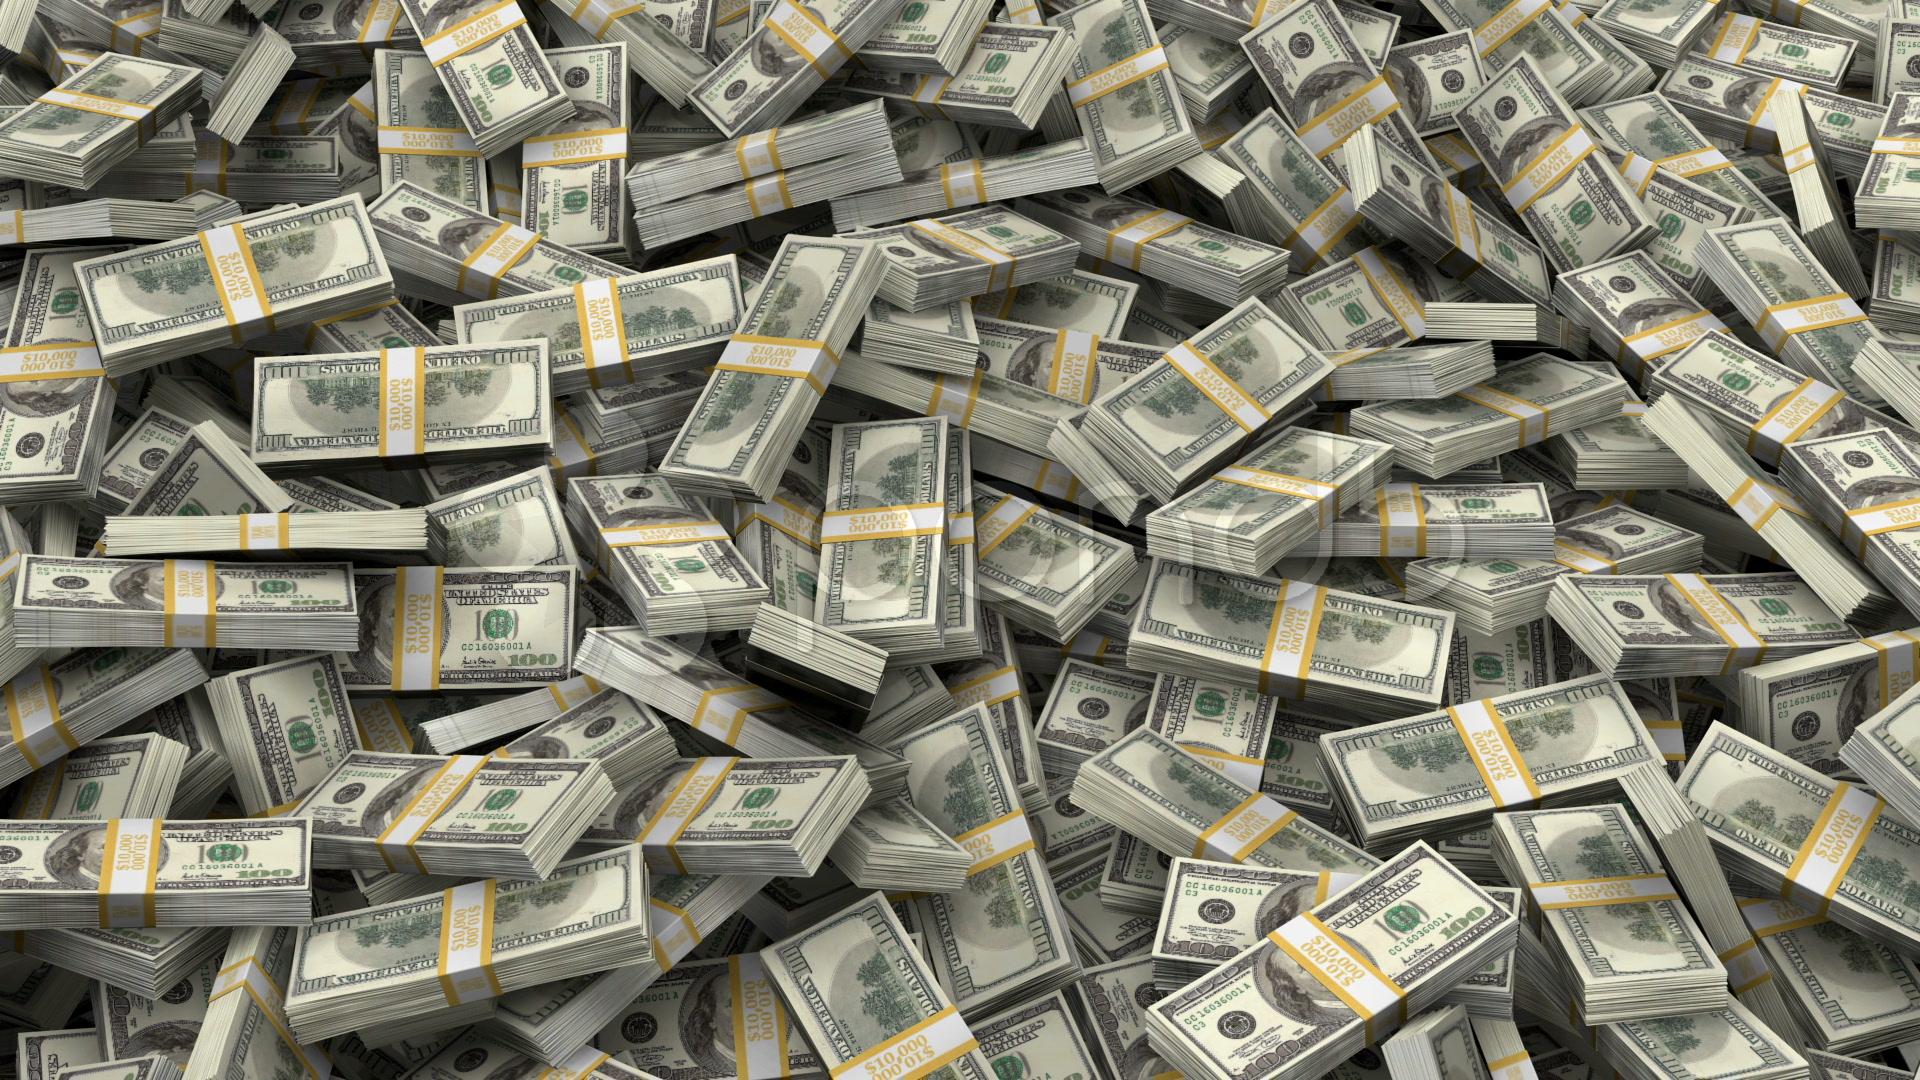 Stacks Of Money Wallpaper - WallpaperSafari